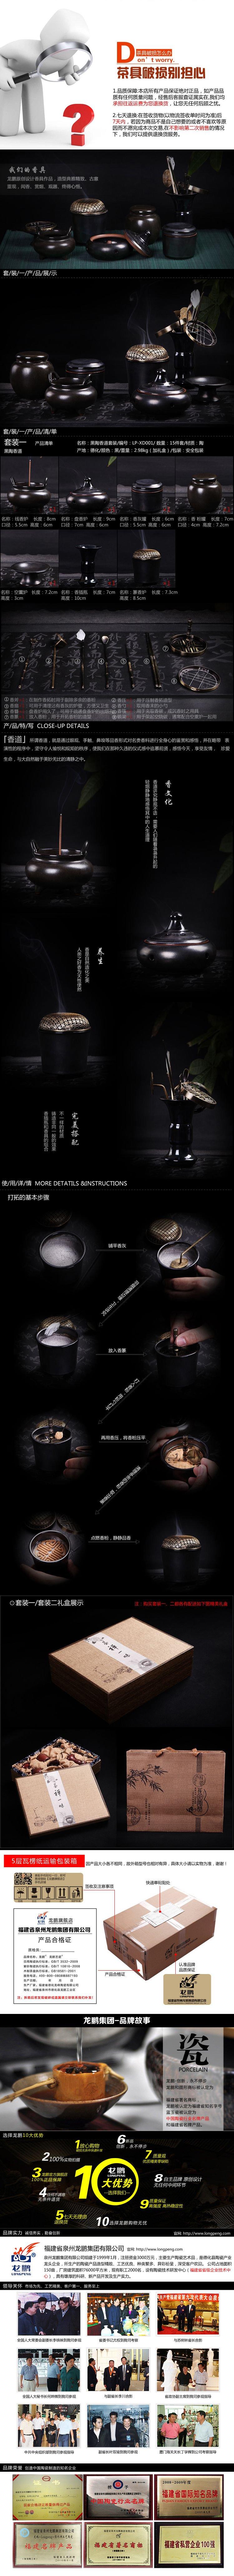 商品参数 detail 品牌名称: 龙鹏 商品名称: 7头香道沉香檀香盘香